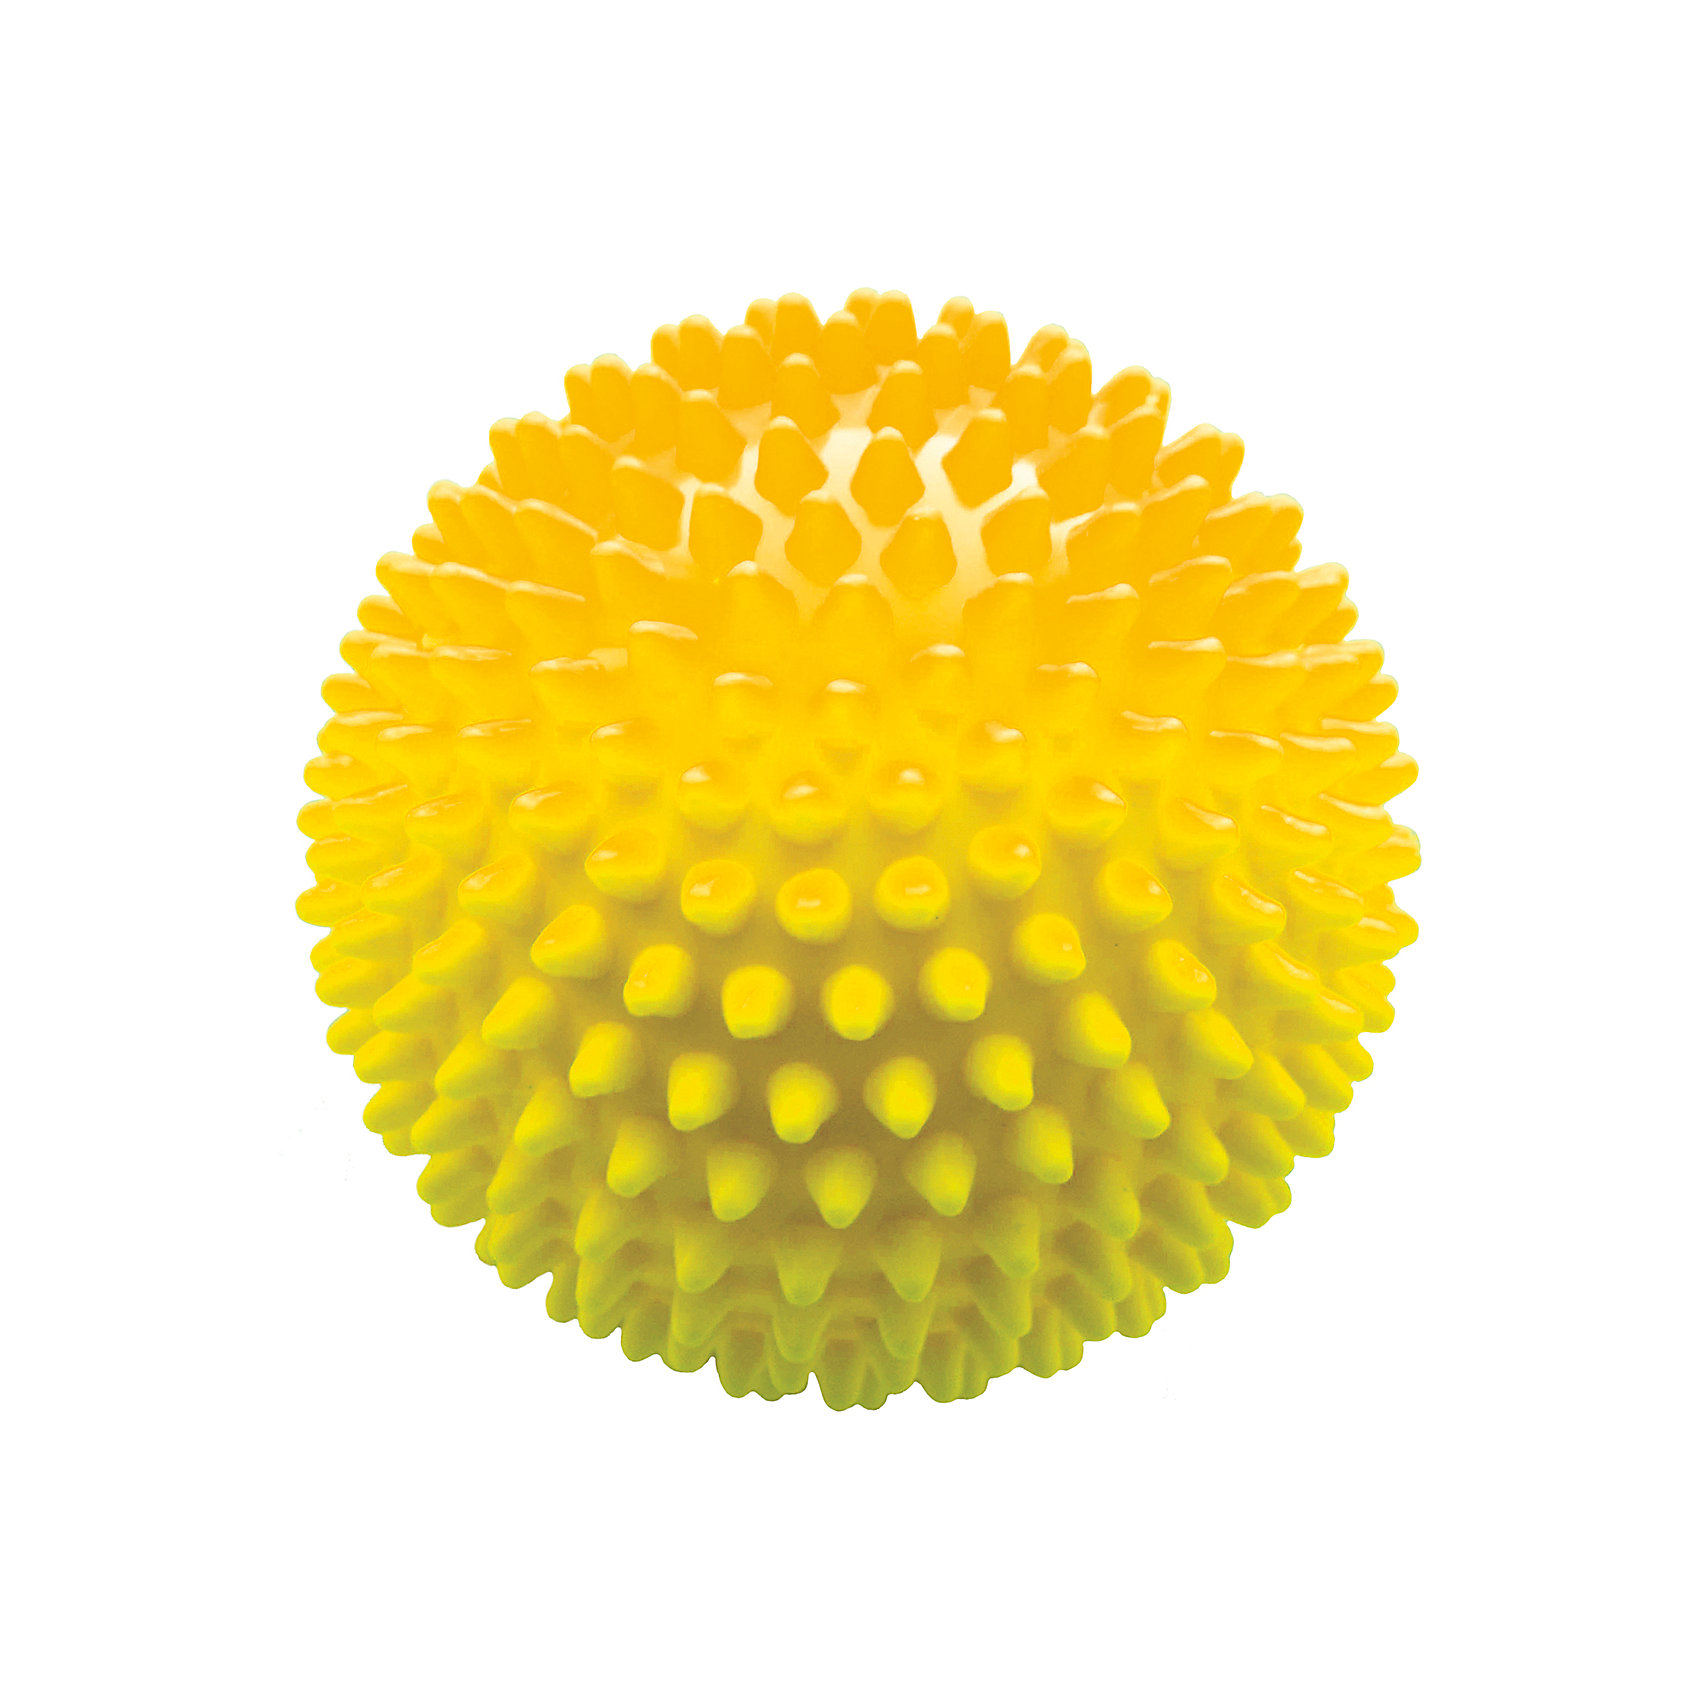 Мяч ёжик желтый, 8,5 см, МалышОКМячи детские<br><br><br>Ширина мм: 90<br>Глубина мм: 90<br>Высота мм: 90<br>Вес г: 60<br>Возраст от месяцев: 6<br>Возраст до месяцев: 2147483647<br>Пол: Унисекс<br>Возраст: Детский<br>SKU: 6894015